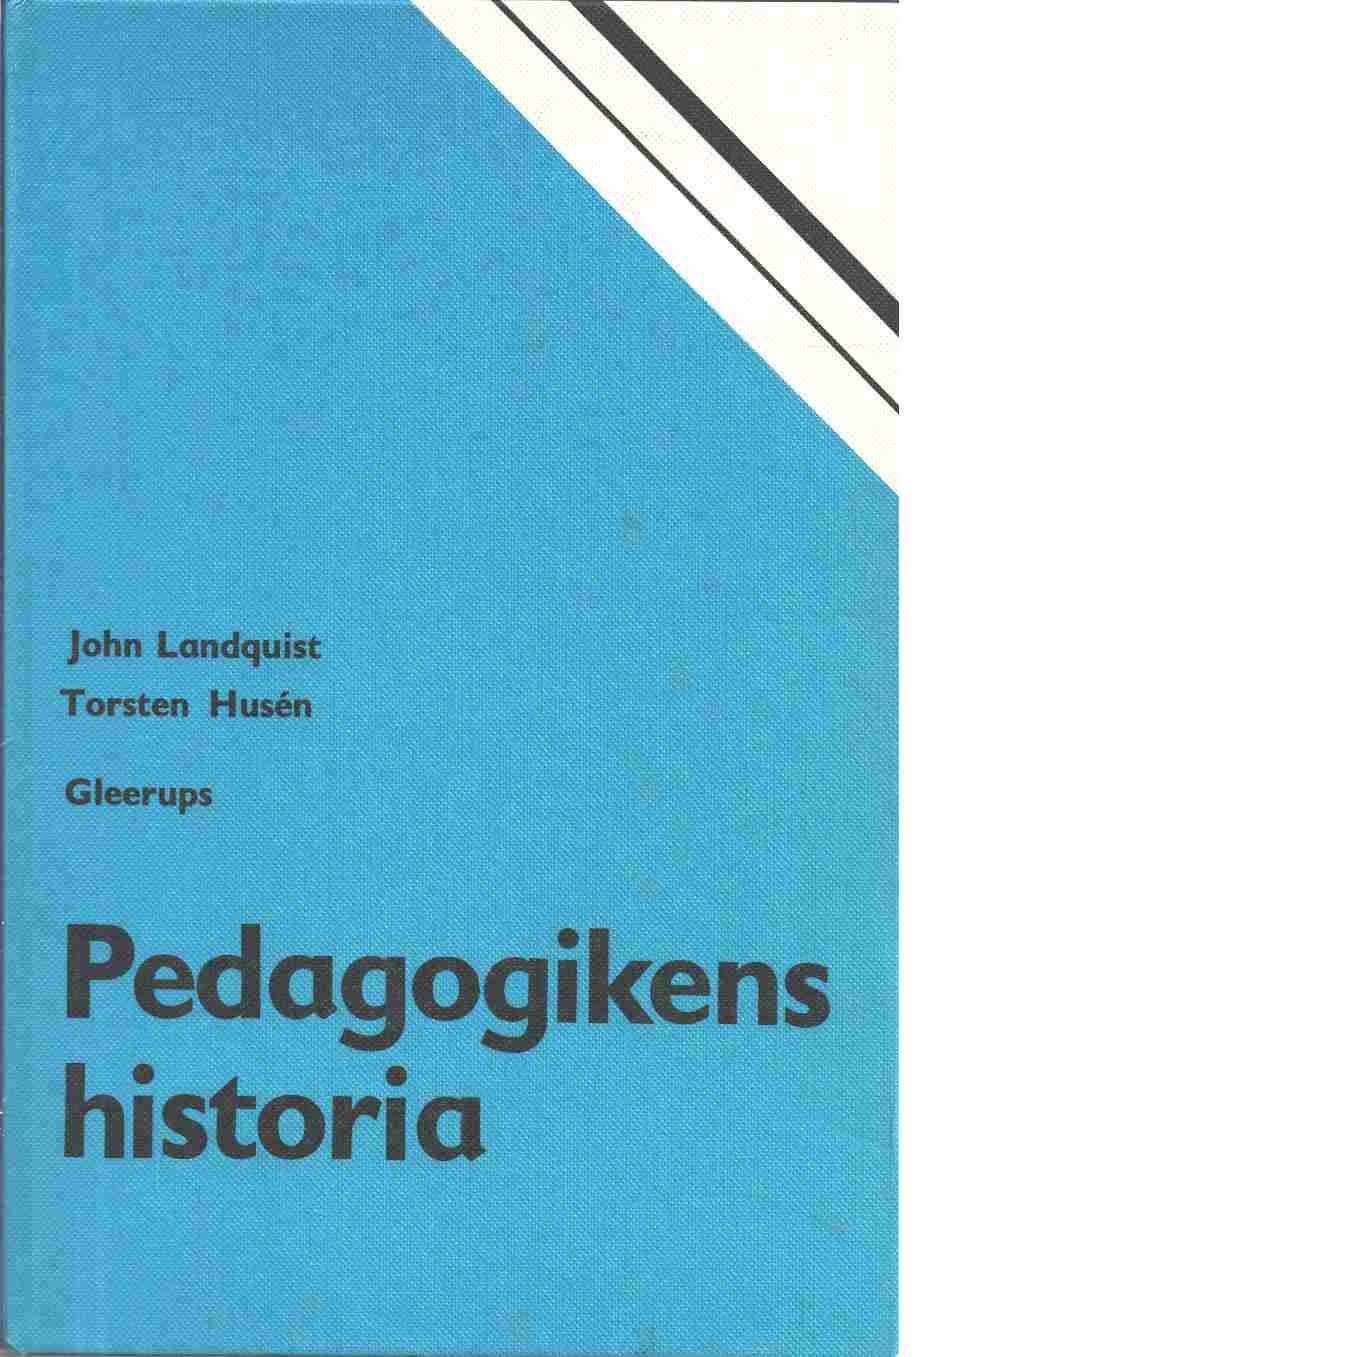 Pedagogikens historia - Landquist, John och Husén, Torsten